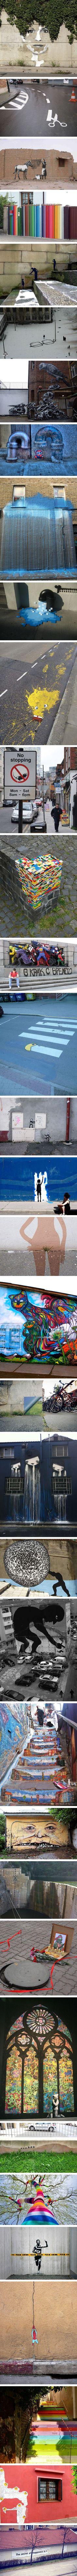 Geek street art: